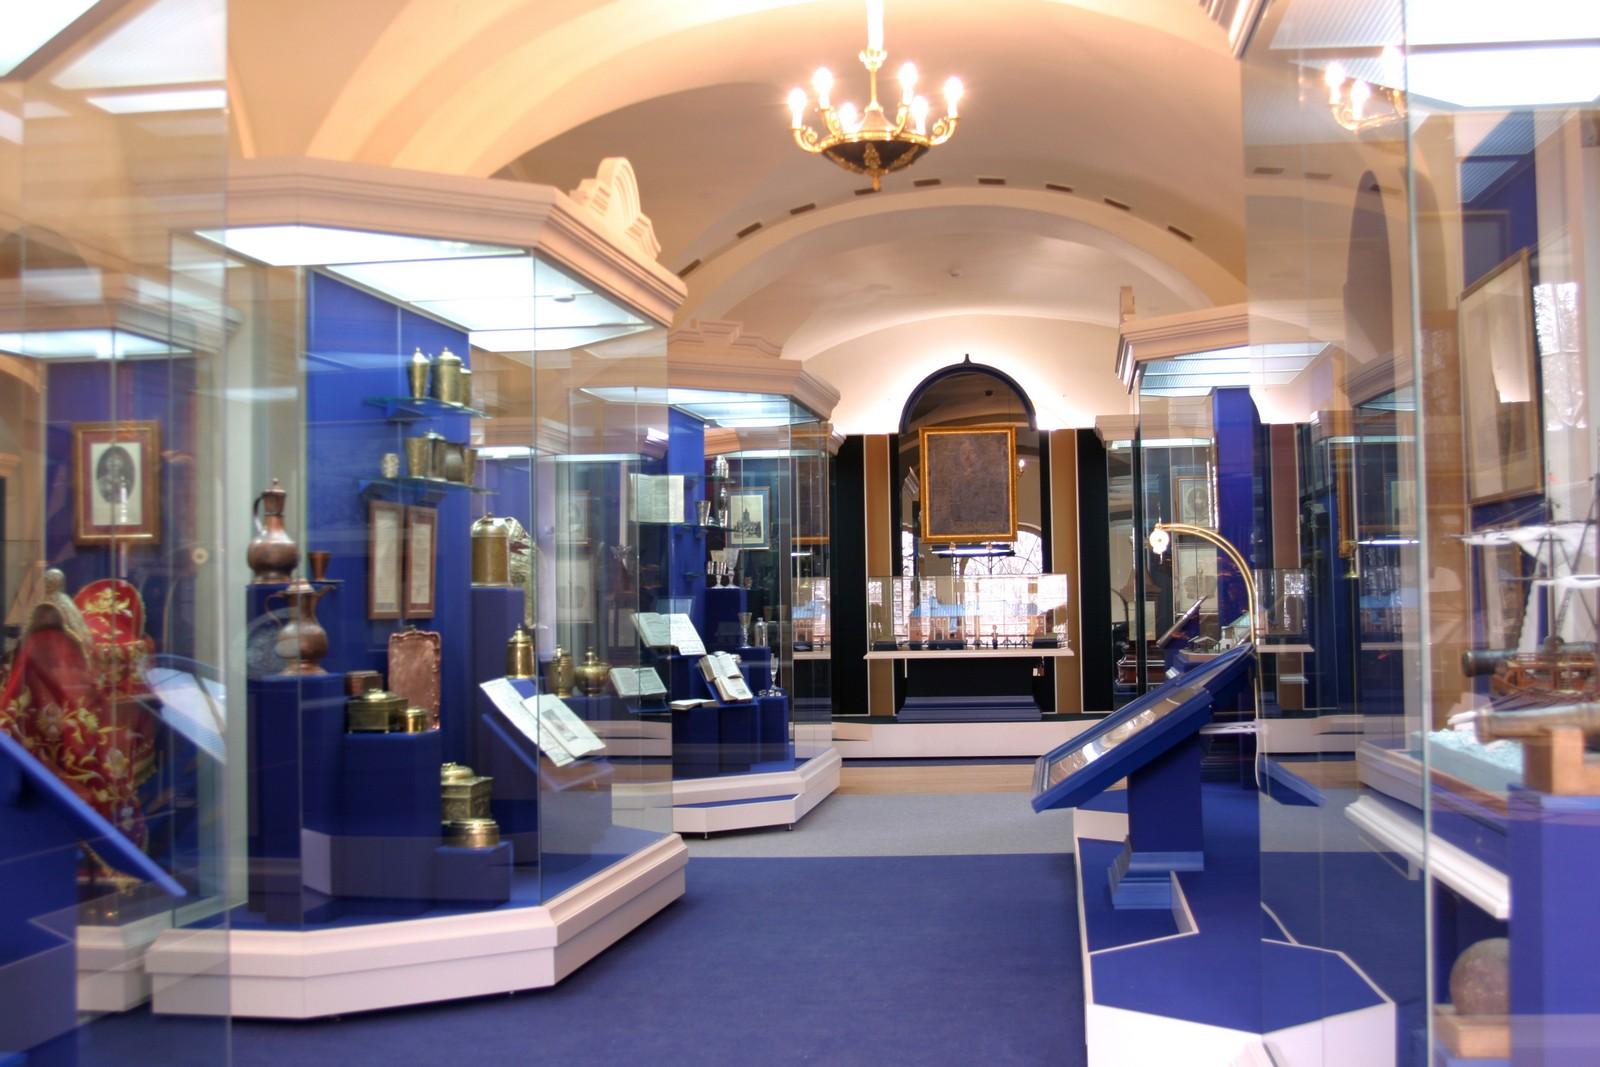 Национальный музей Республики Татарстан, один из залов